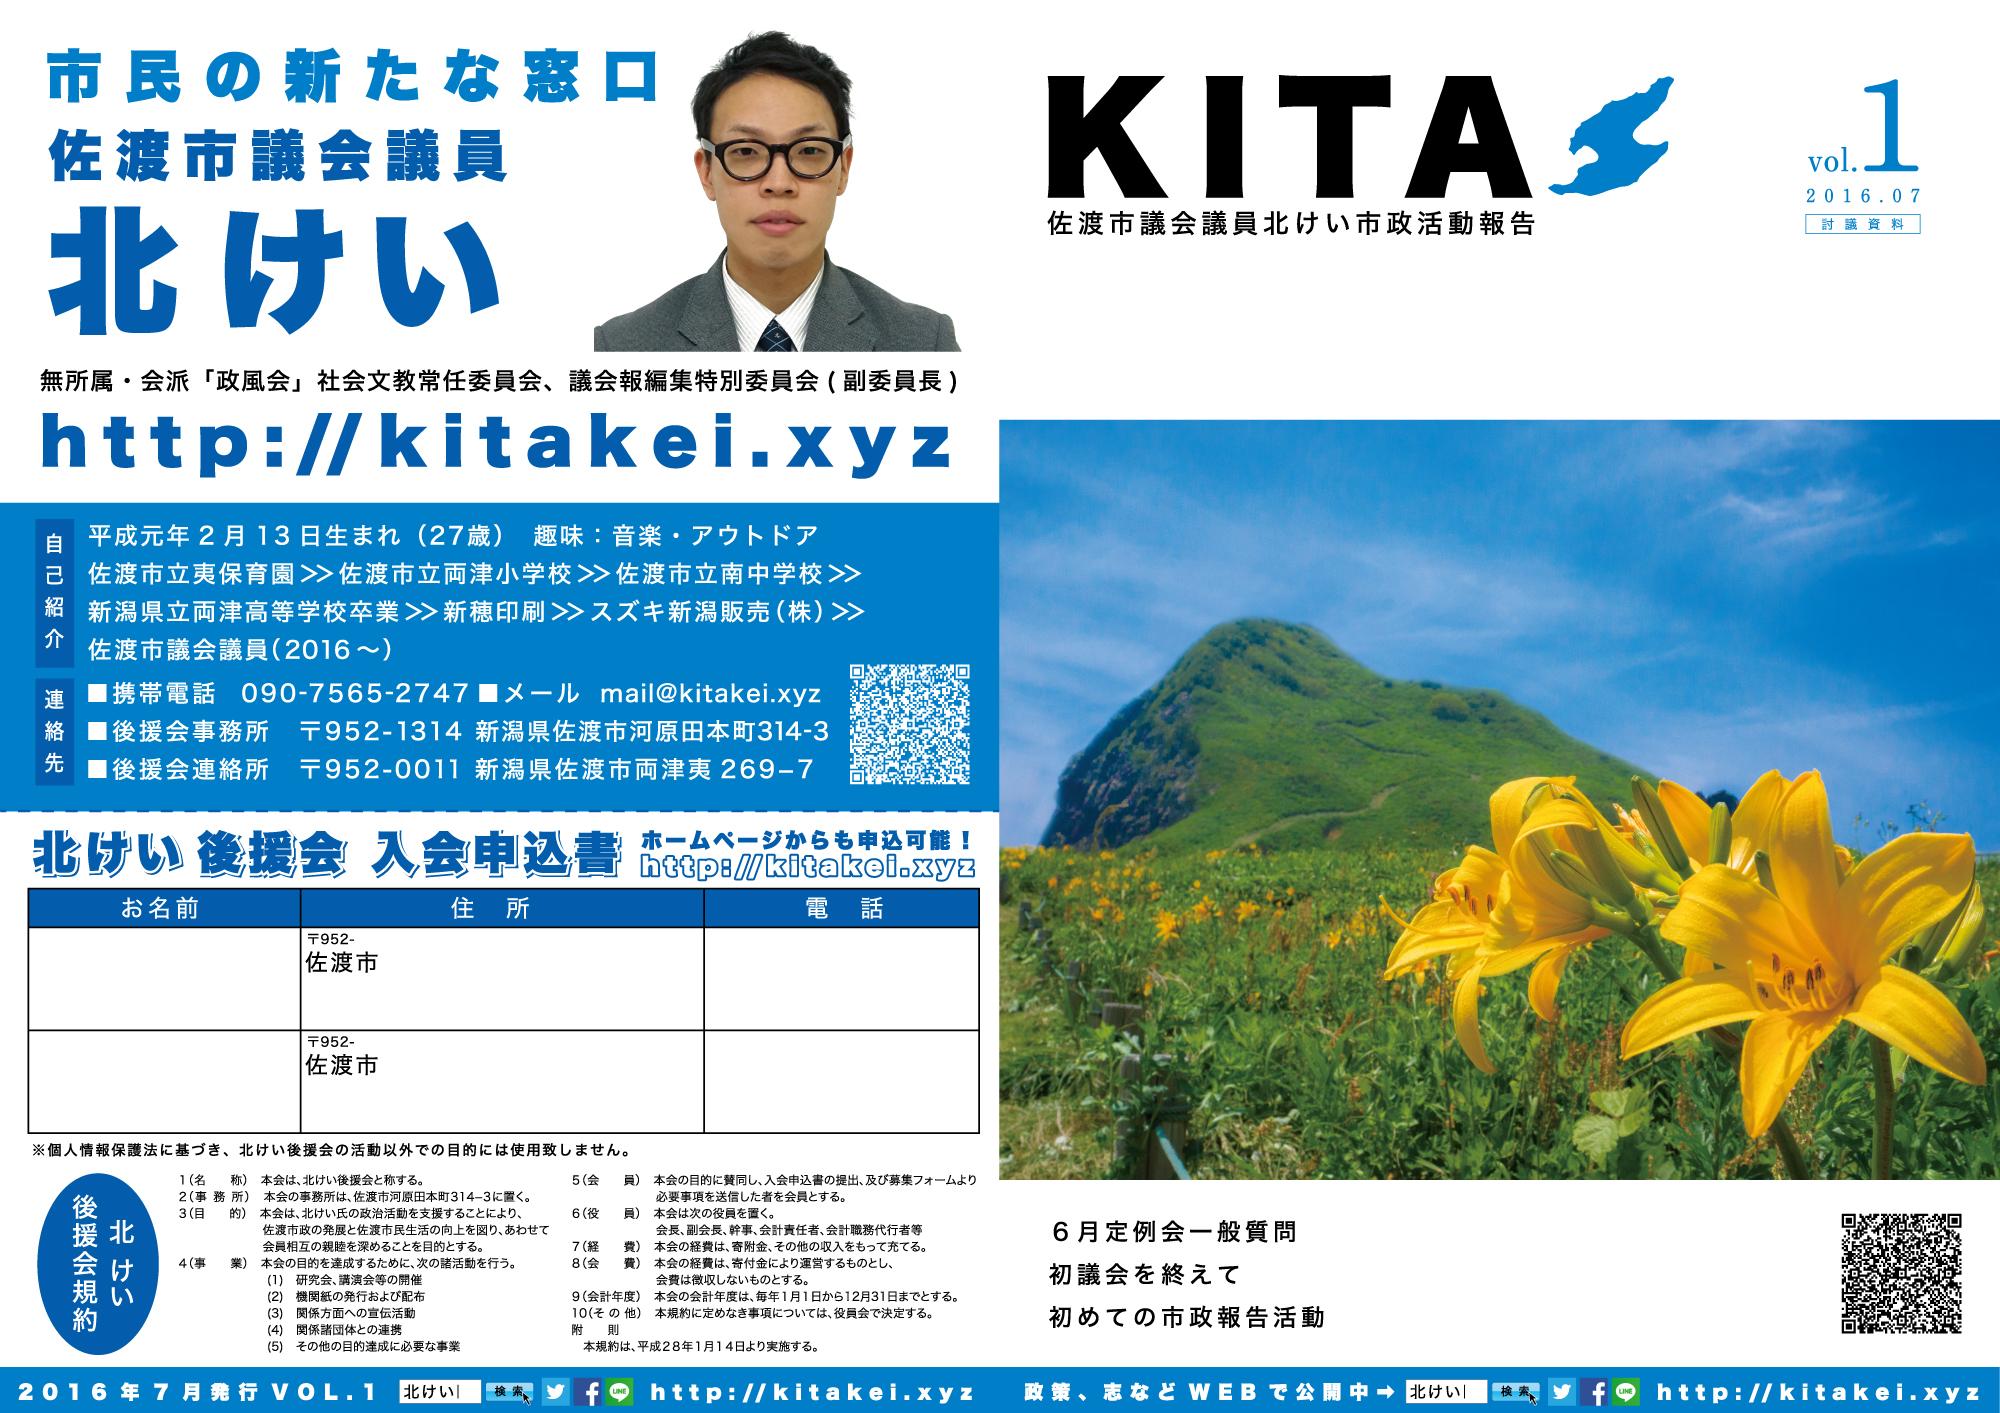 201606kita1